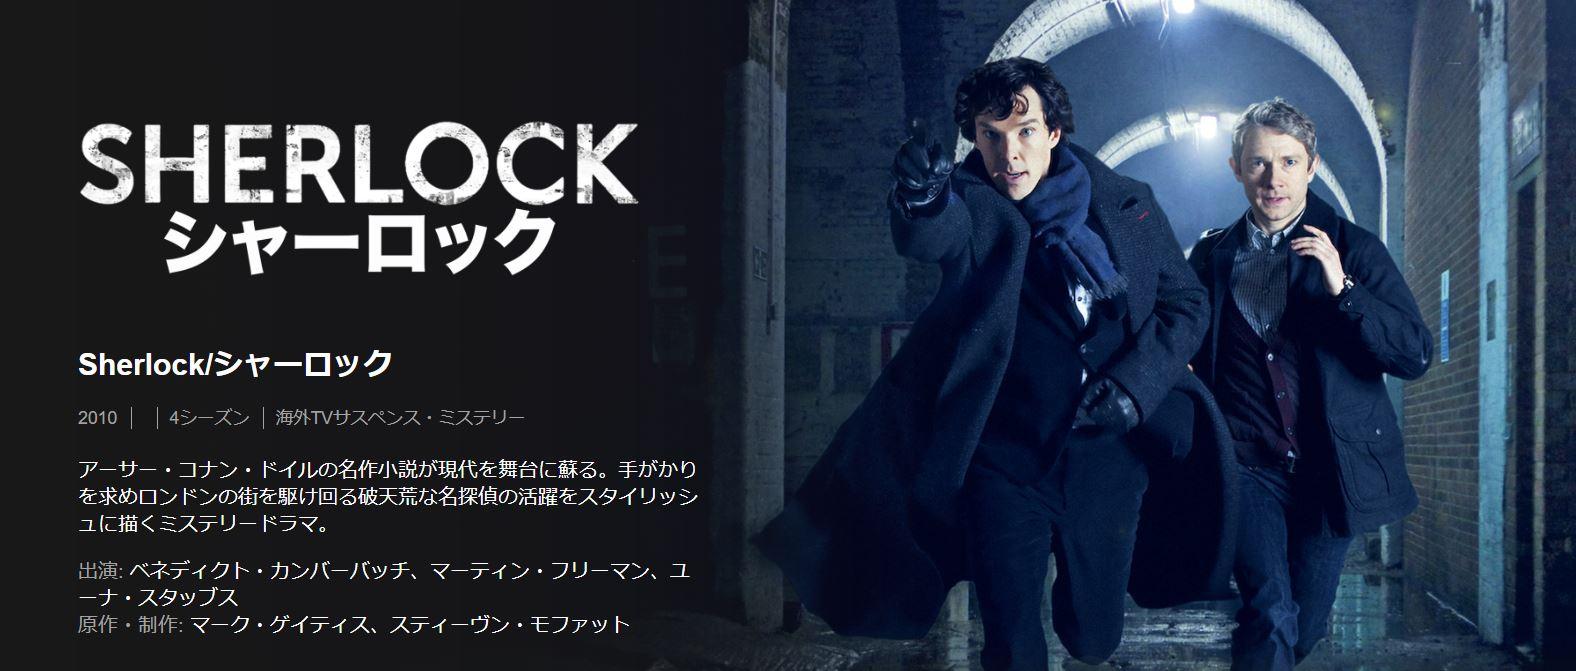 【2020年最新】サスペンス・ミステリー系海外ドラマオススメランキング第7位のシャーロック